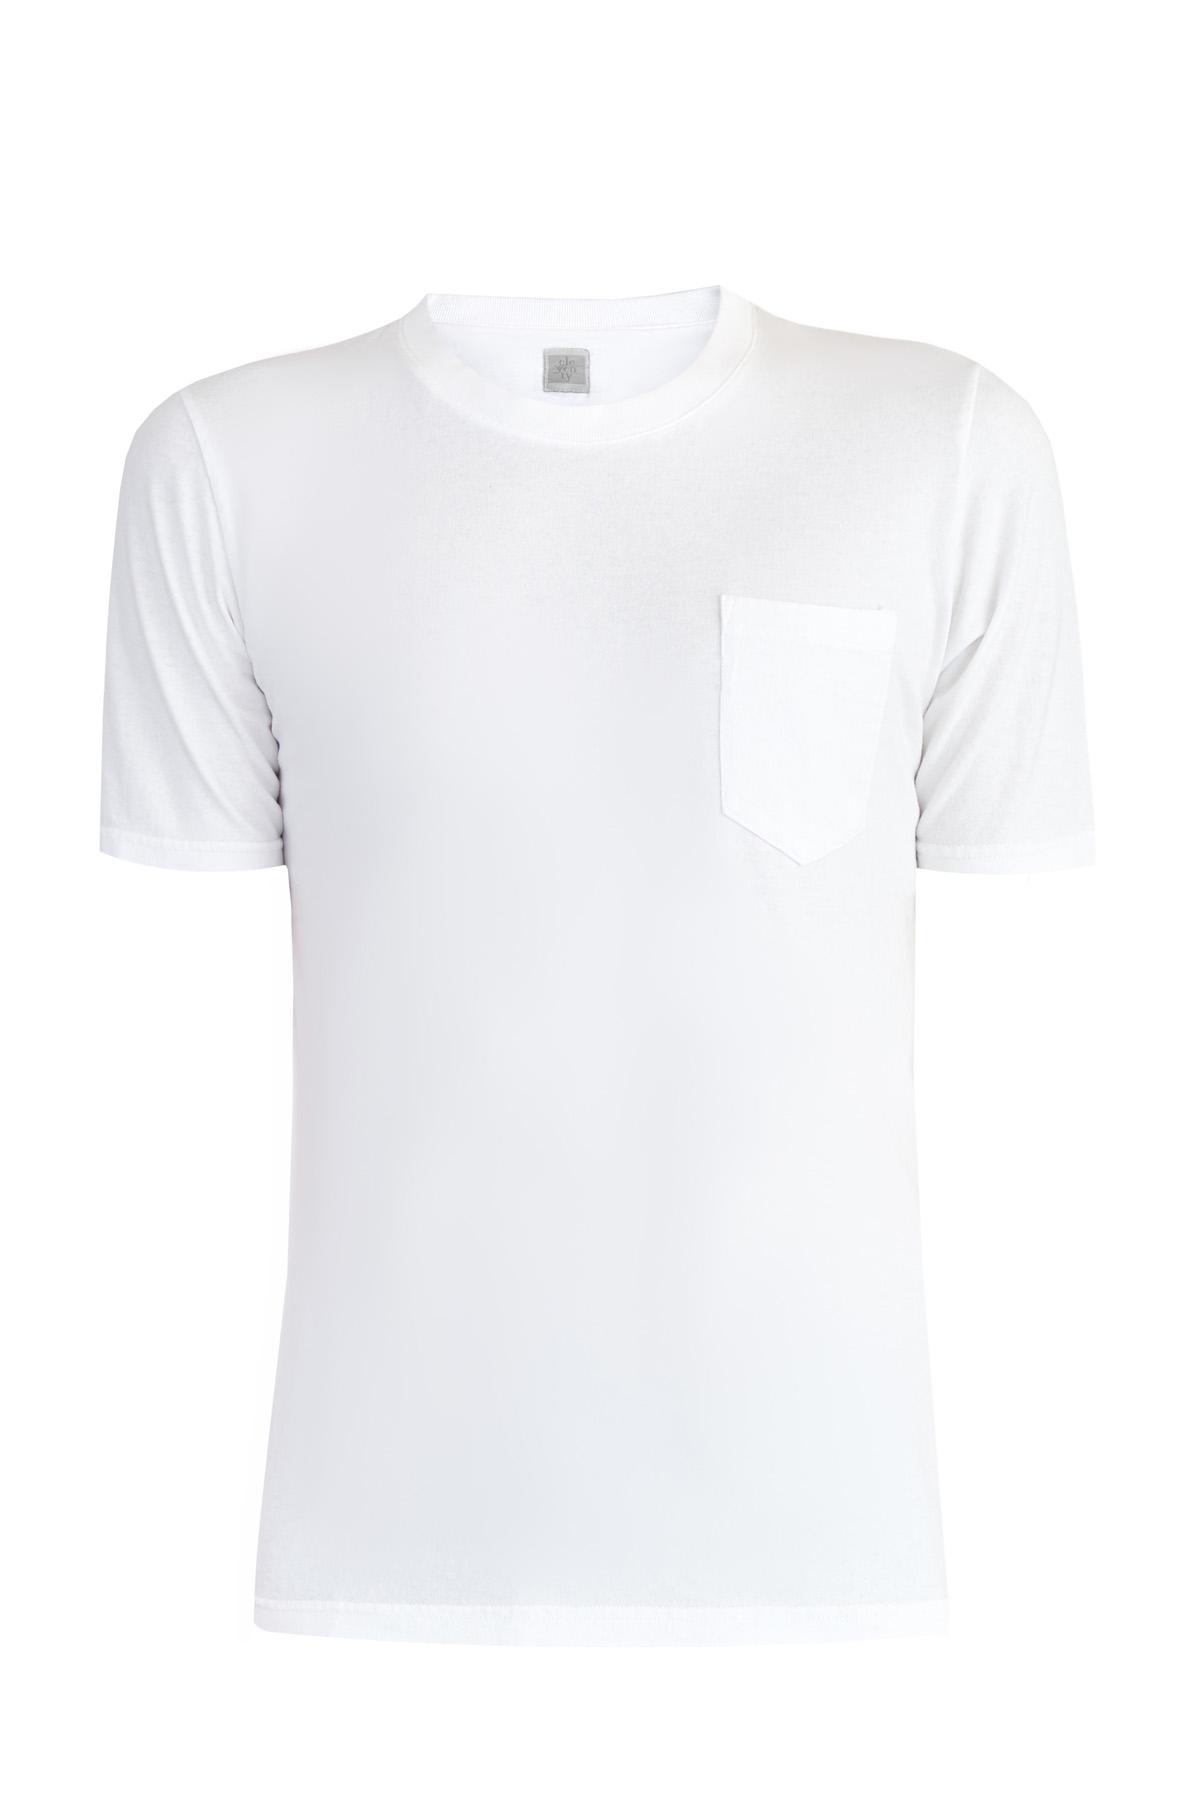 Купить Базовая футболка из хлопкового джерси с карманом, ELEVENTY, Италия, хлопок 100%